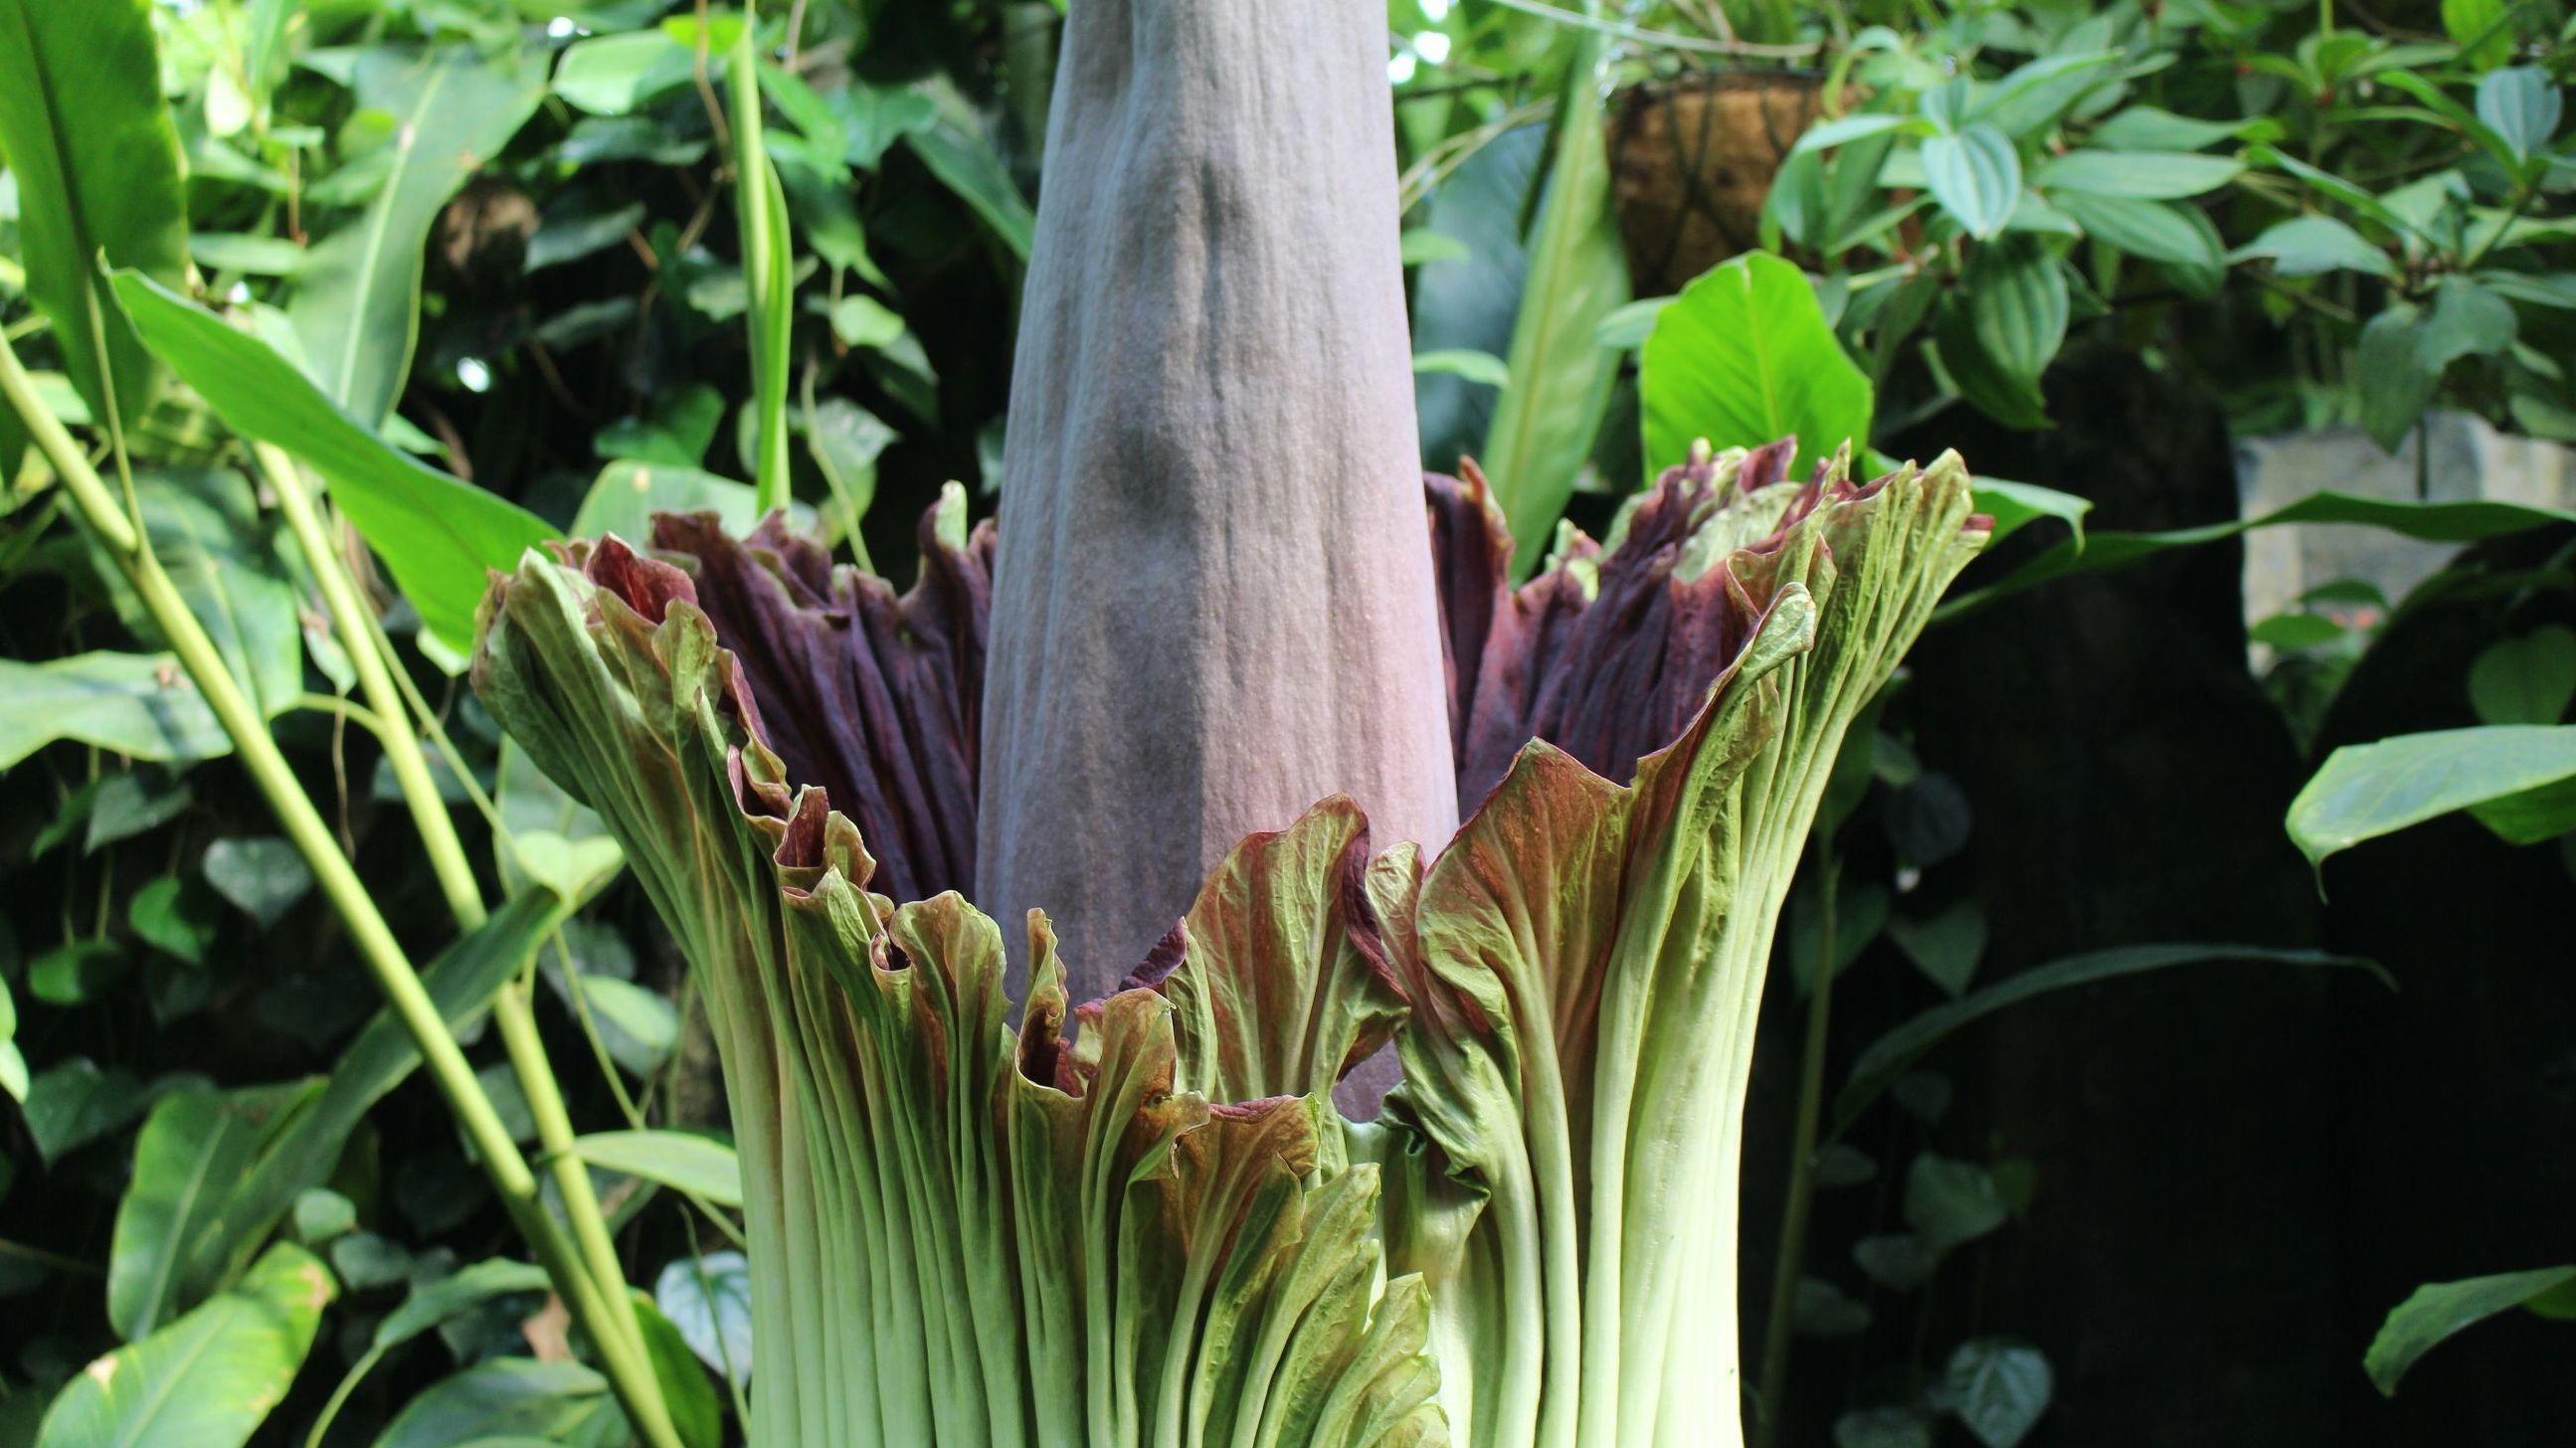 Die Titanwurz im ökologisch-botanischen Garten Bayreuth beginnt zu blühen